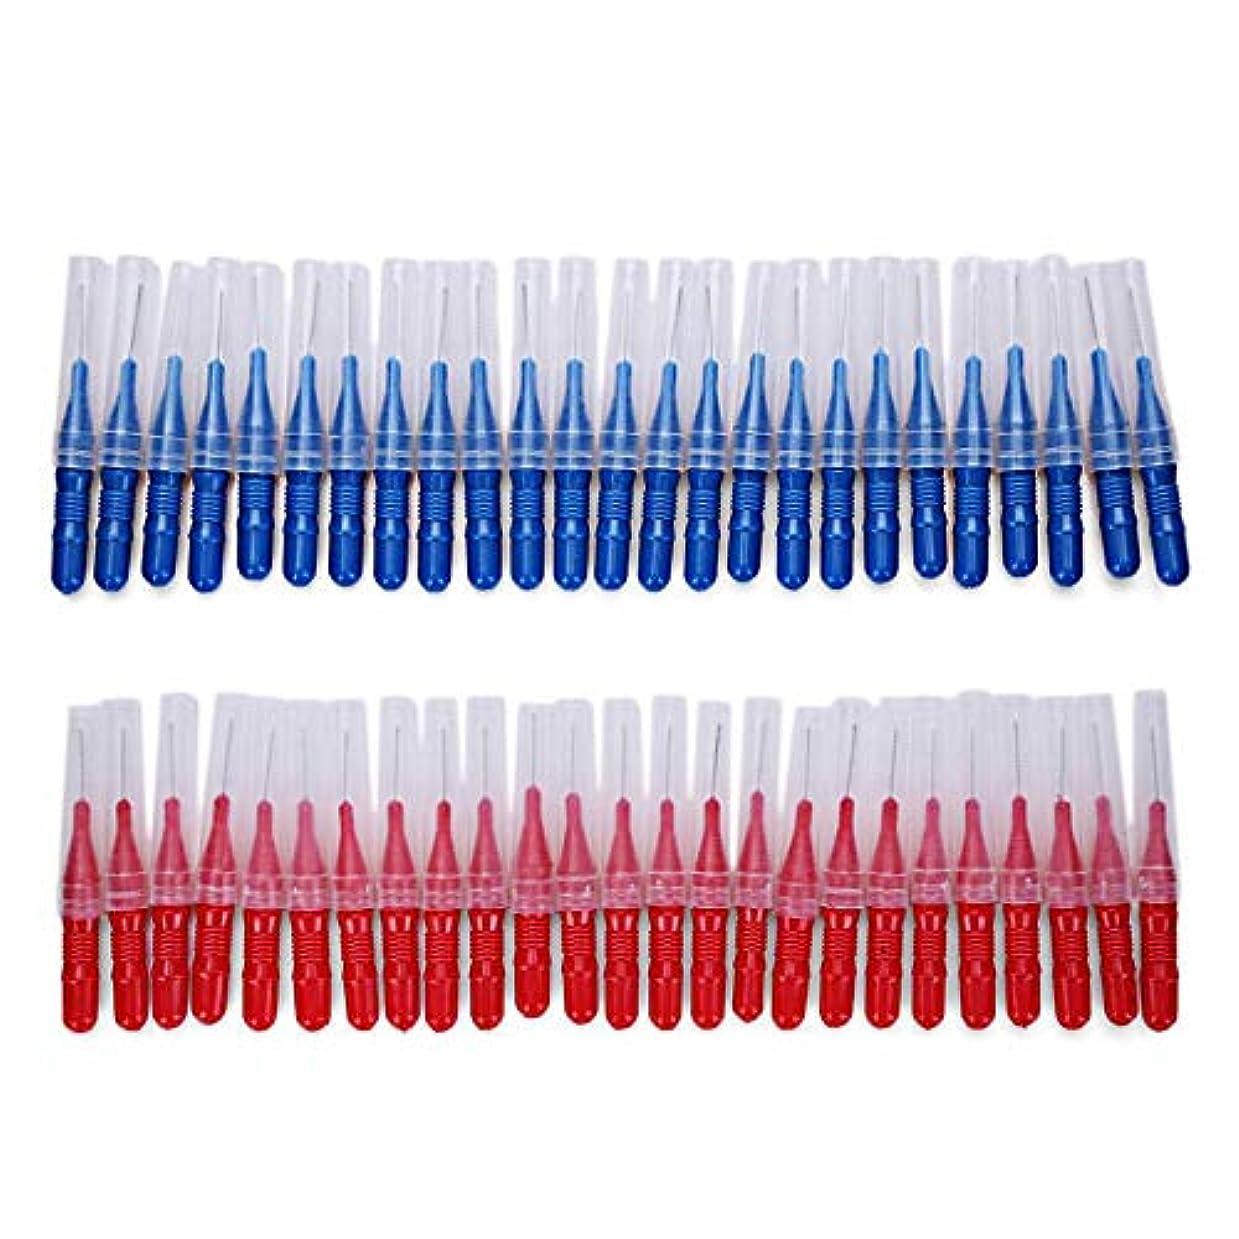 アクションオーク管理2.5ミリメートル50ピース/セットブラッシング歯すきま歯ブラシクリーニングツール歯のケア歯科用歯間ブラシ - 赤と青